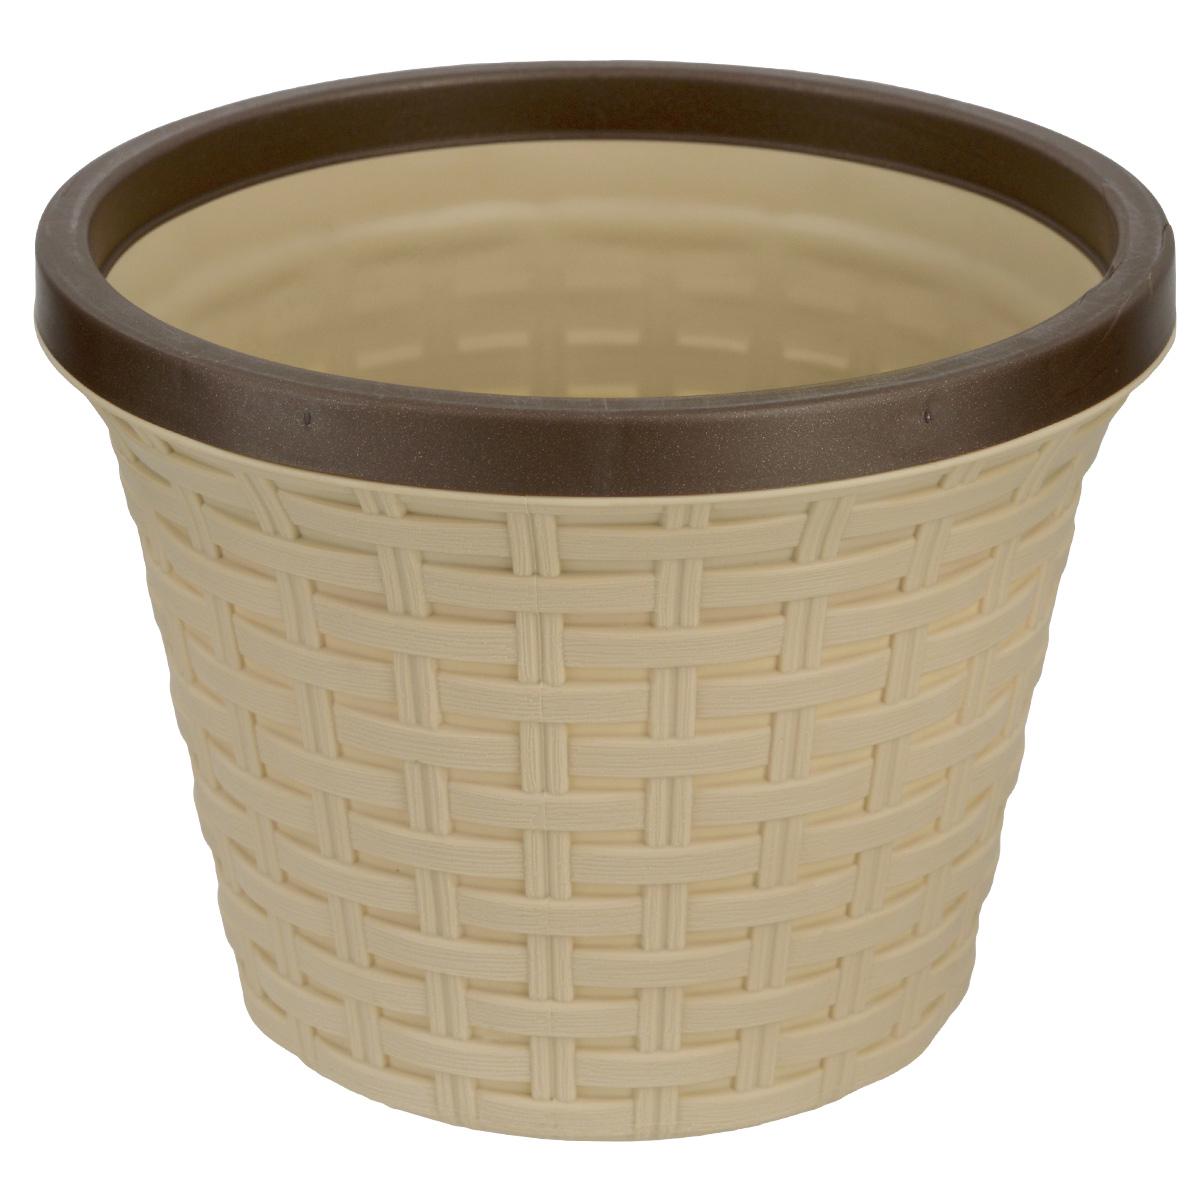 Кашпо Violet Ротанг, с дренажной системой, цвет: бежевый, 6,5 л32650/2Кашпо Violet Ротанг изготовлено из высококачественного пластика и оснащено дренажной системой для быстрого отведения избытка воды при поливе. Изделие прекрасно подходит для выращивания растений и цветов в домашних условиях. Лаконичный дизайн впишется в интерьер любого помещения. Объем: 6,5 л.